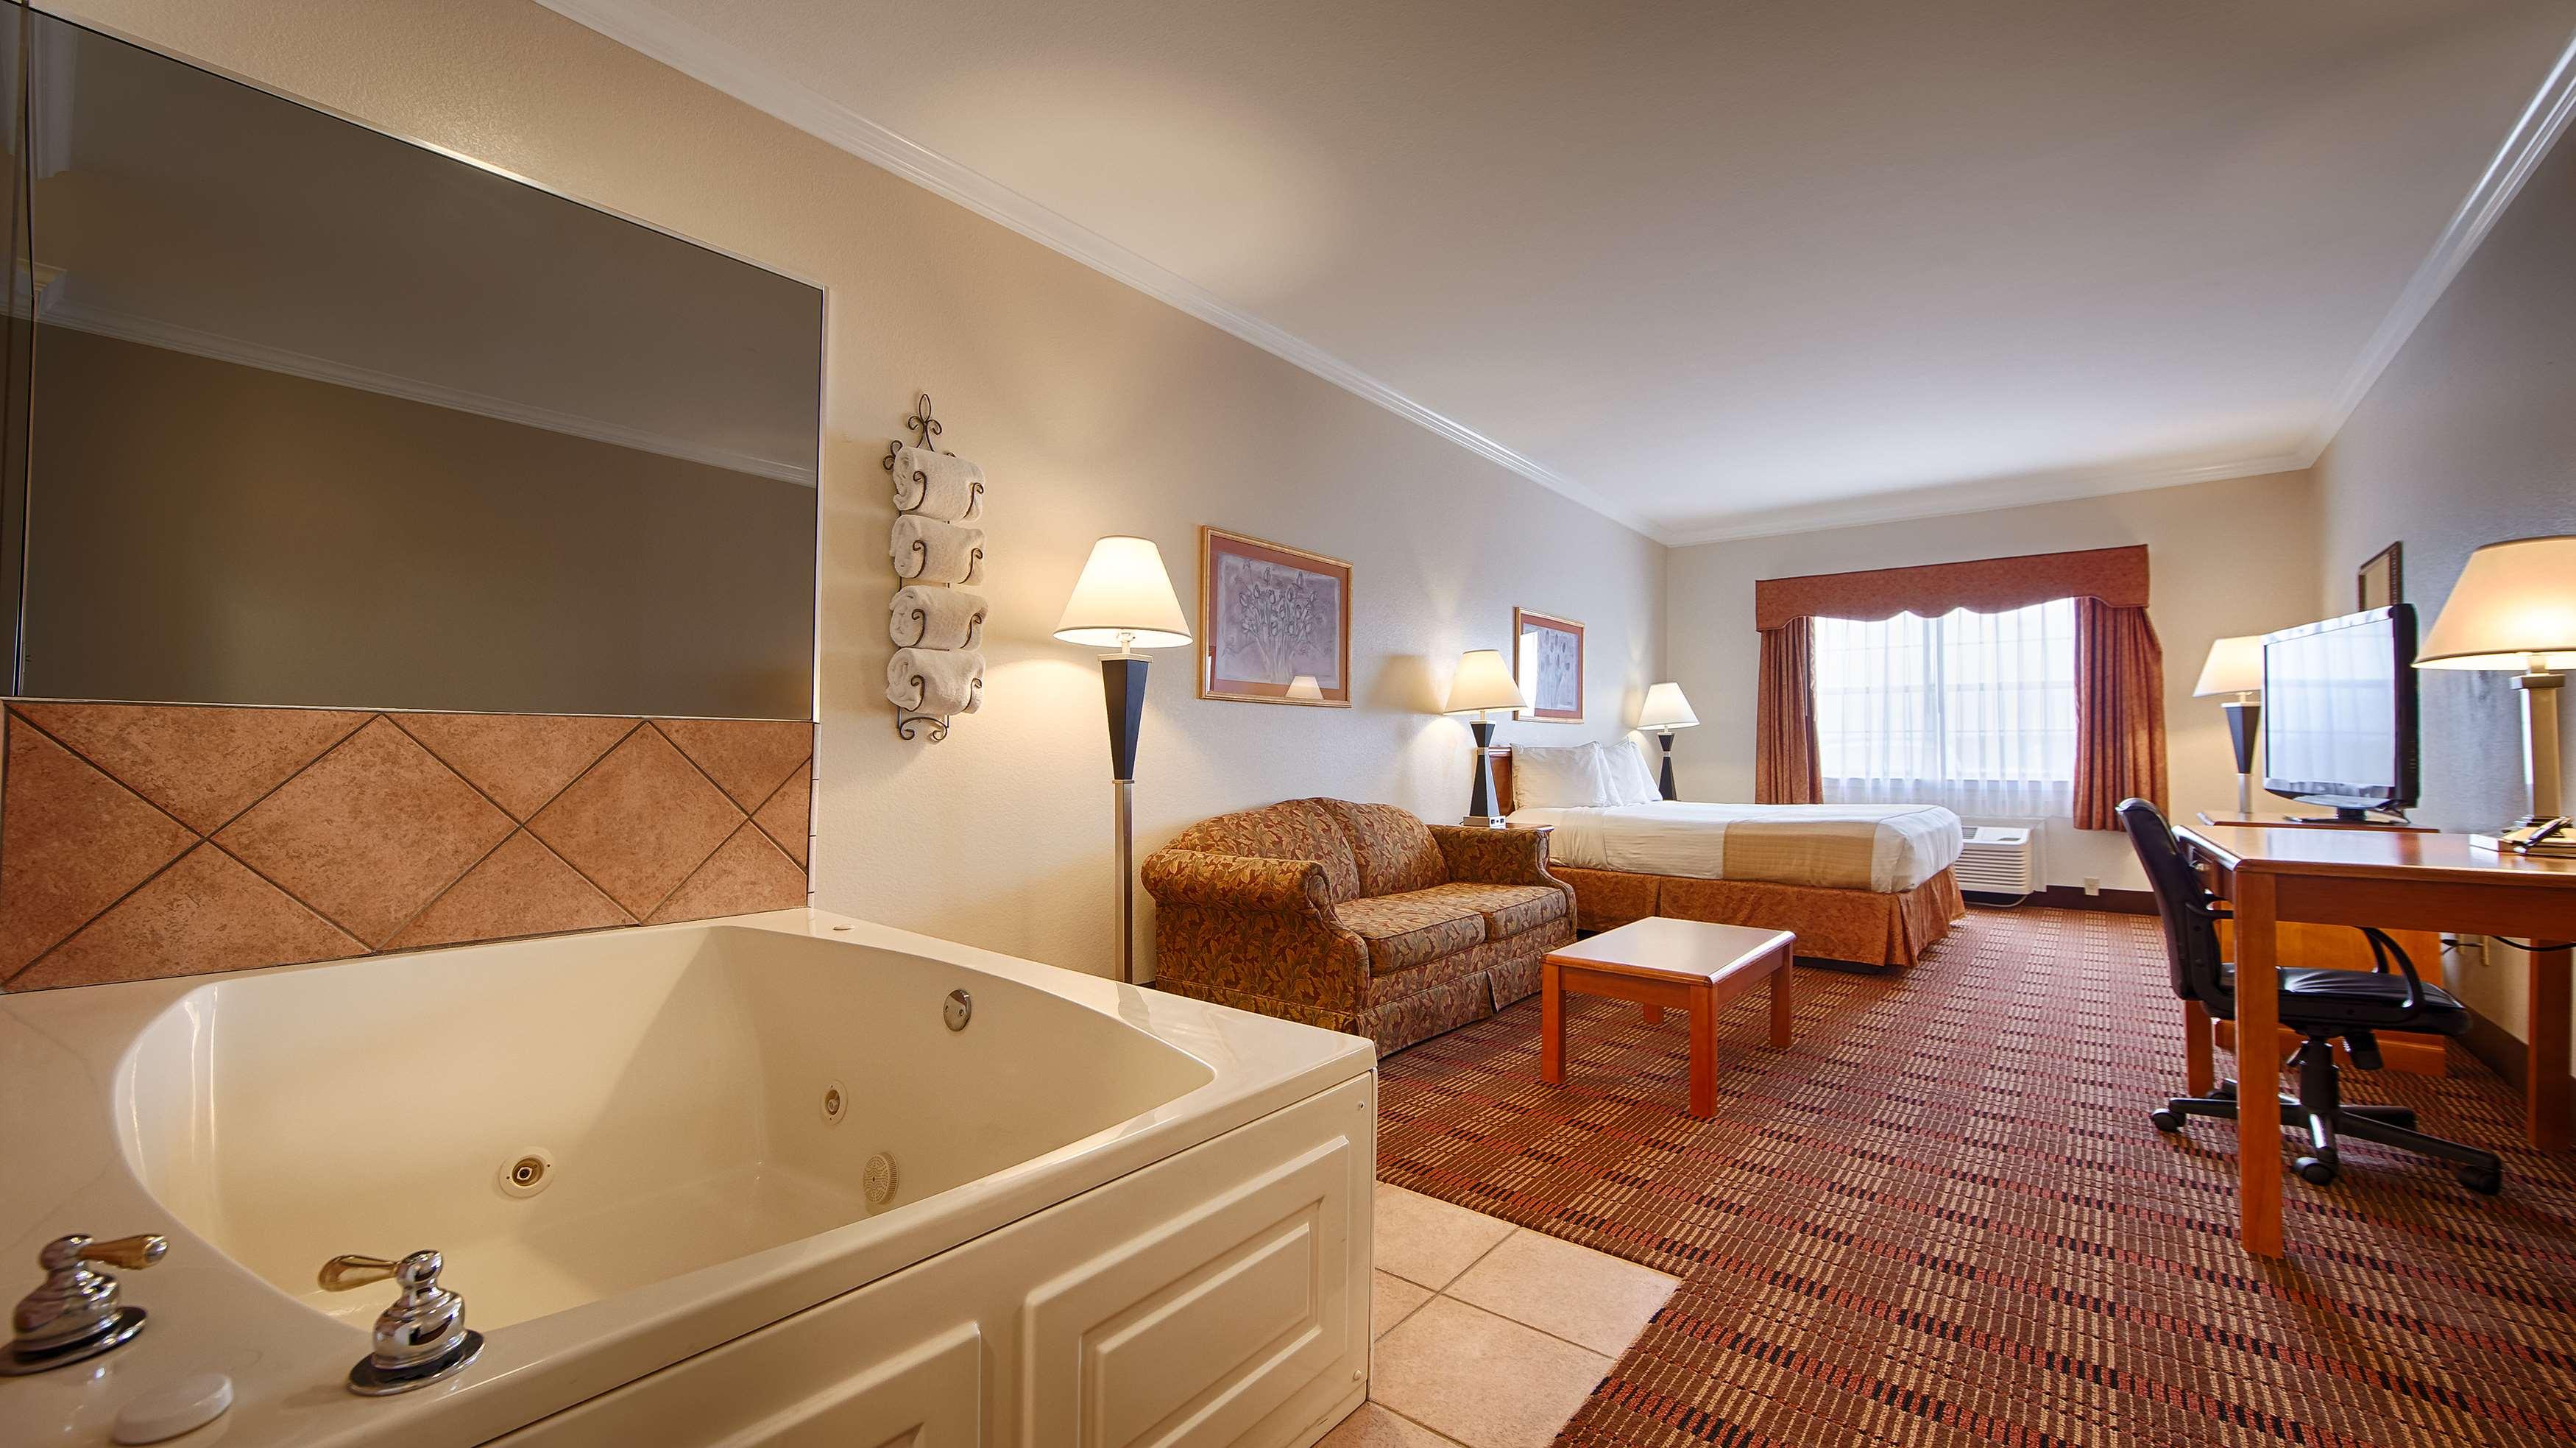 Best Western Club House Inn & Suites image 4